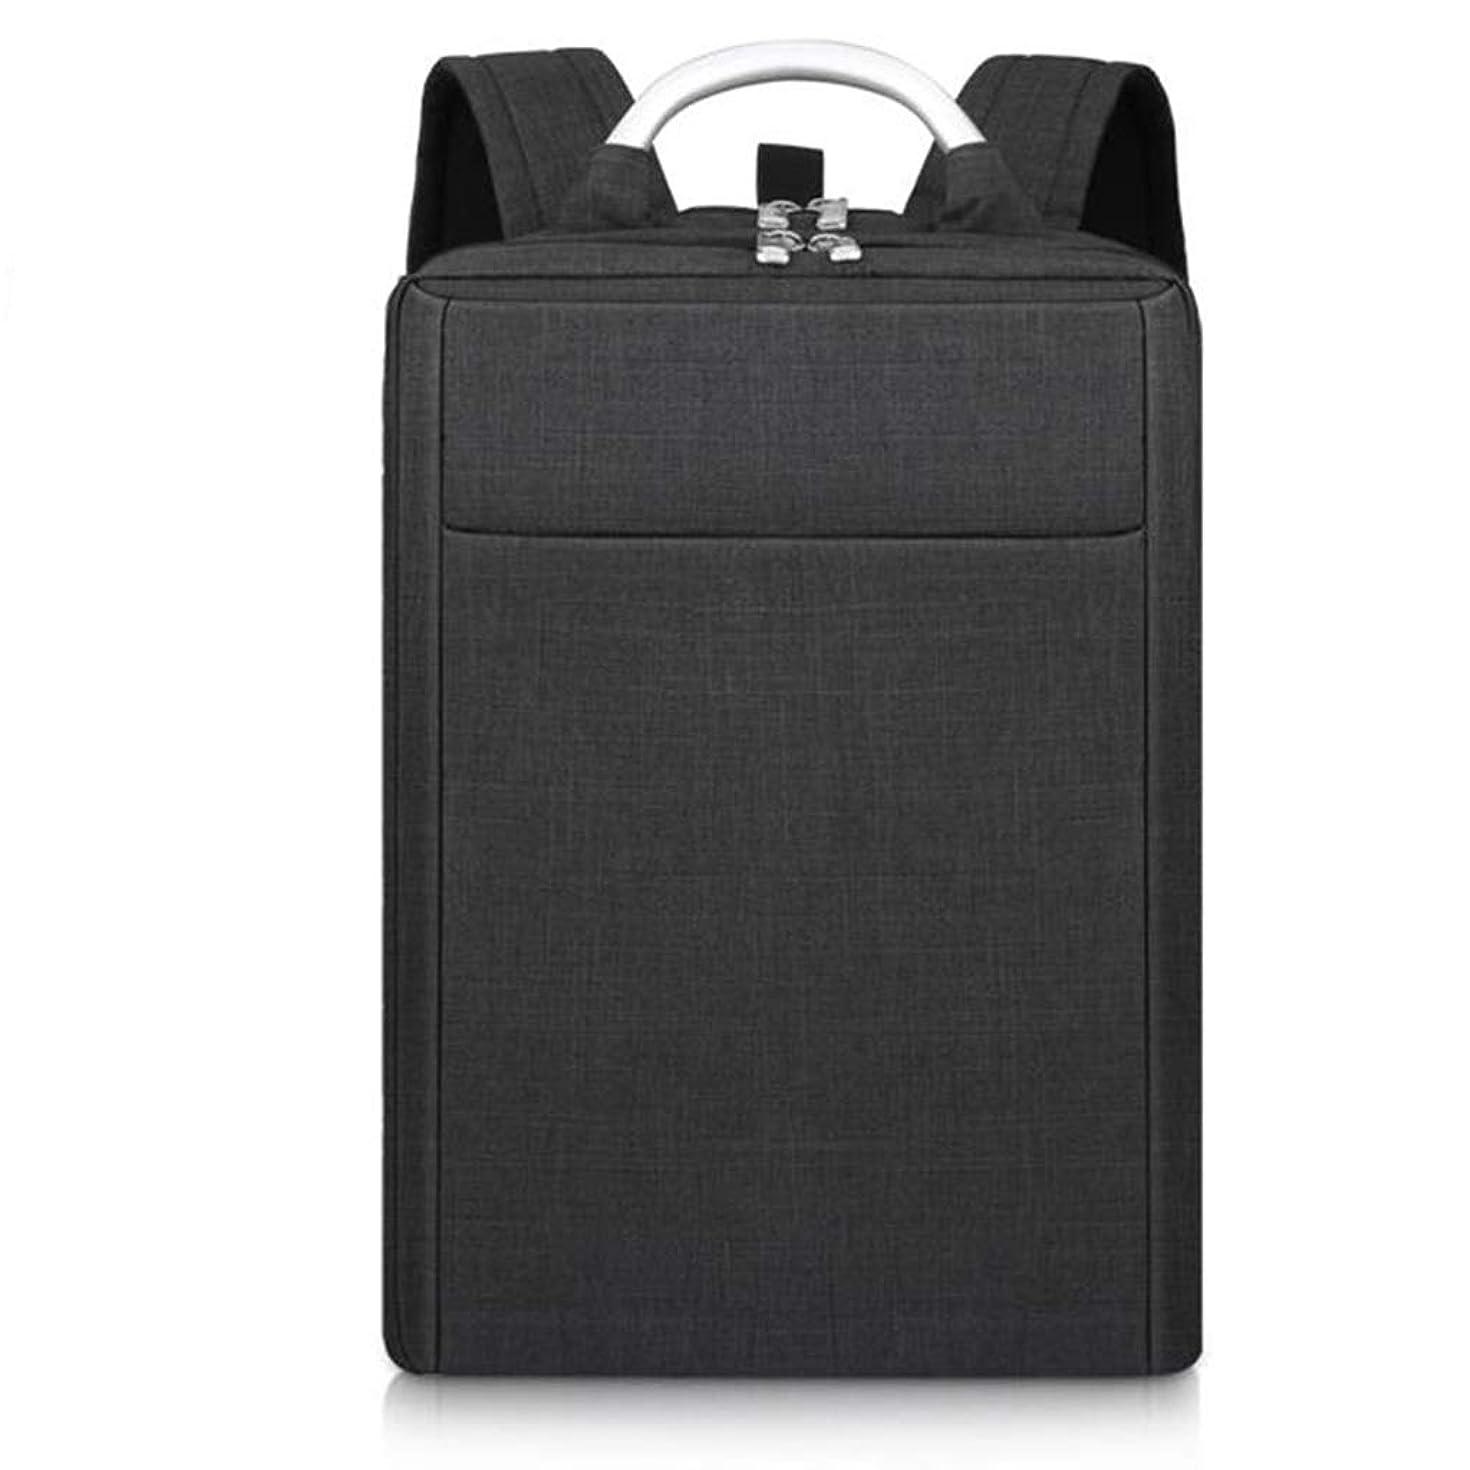 なめらかあなたのもの補助学生用バッグ、キャンパスバックパック、軽量、大容量、耐摩耗性防水、グレー LIUXIN